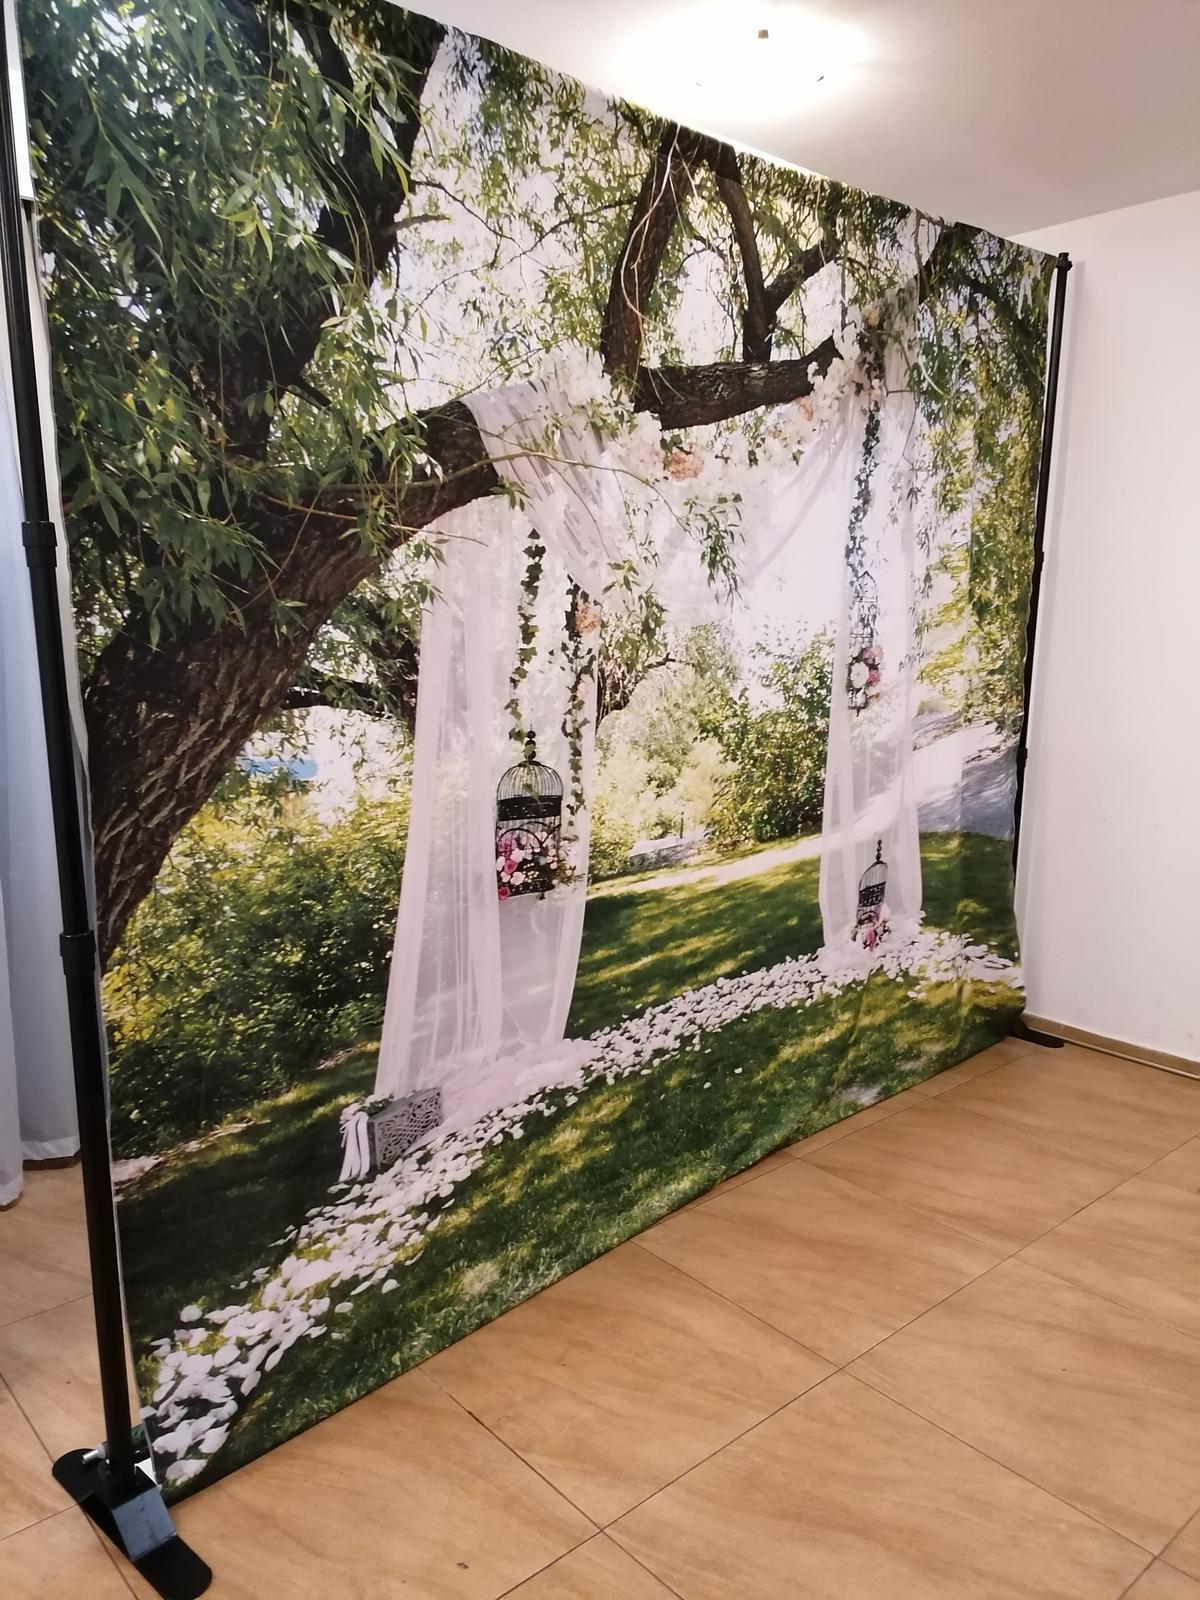 Svadobné FOTO steny na prenajom - Obrázok č. 5